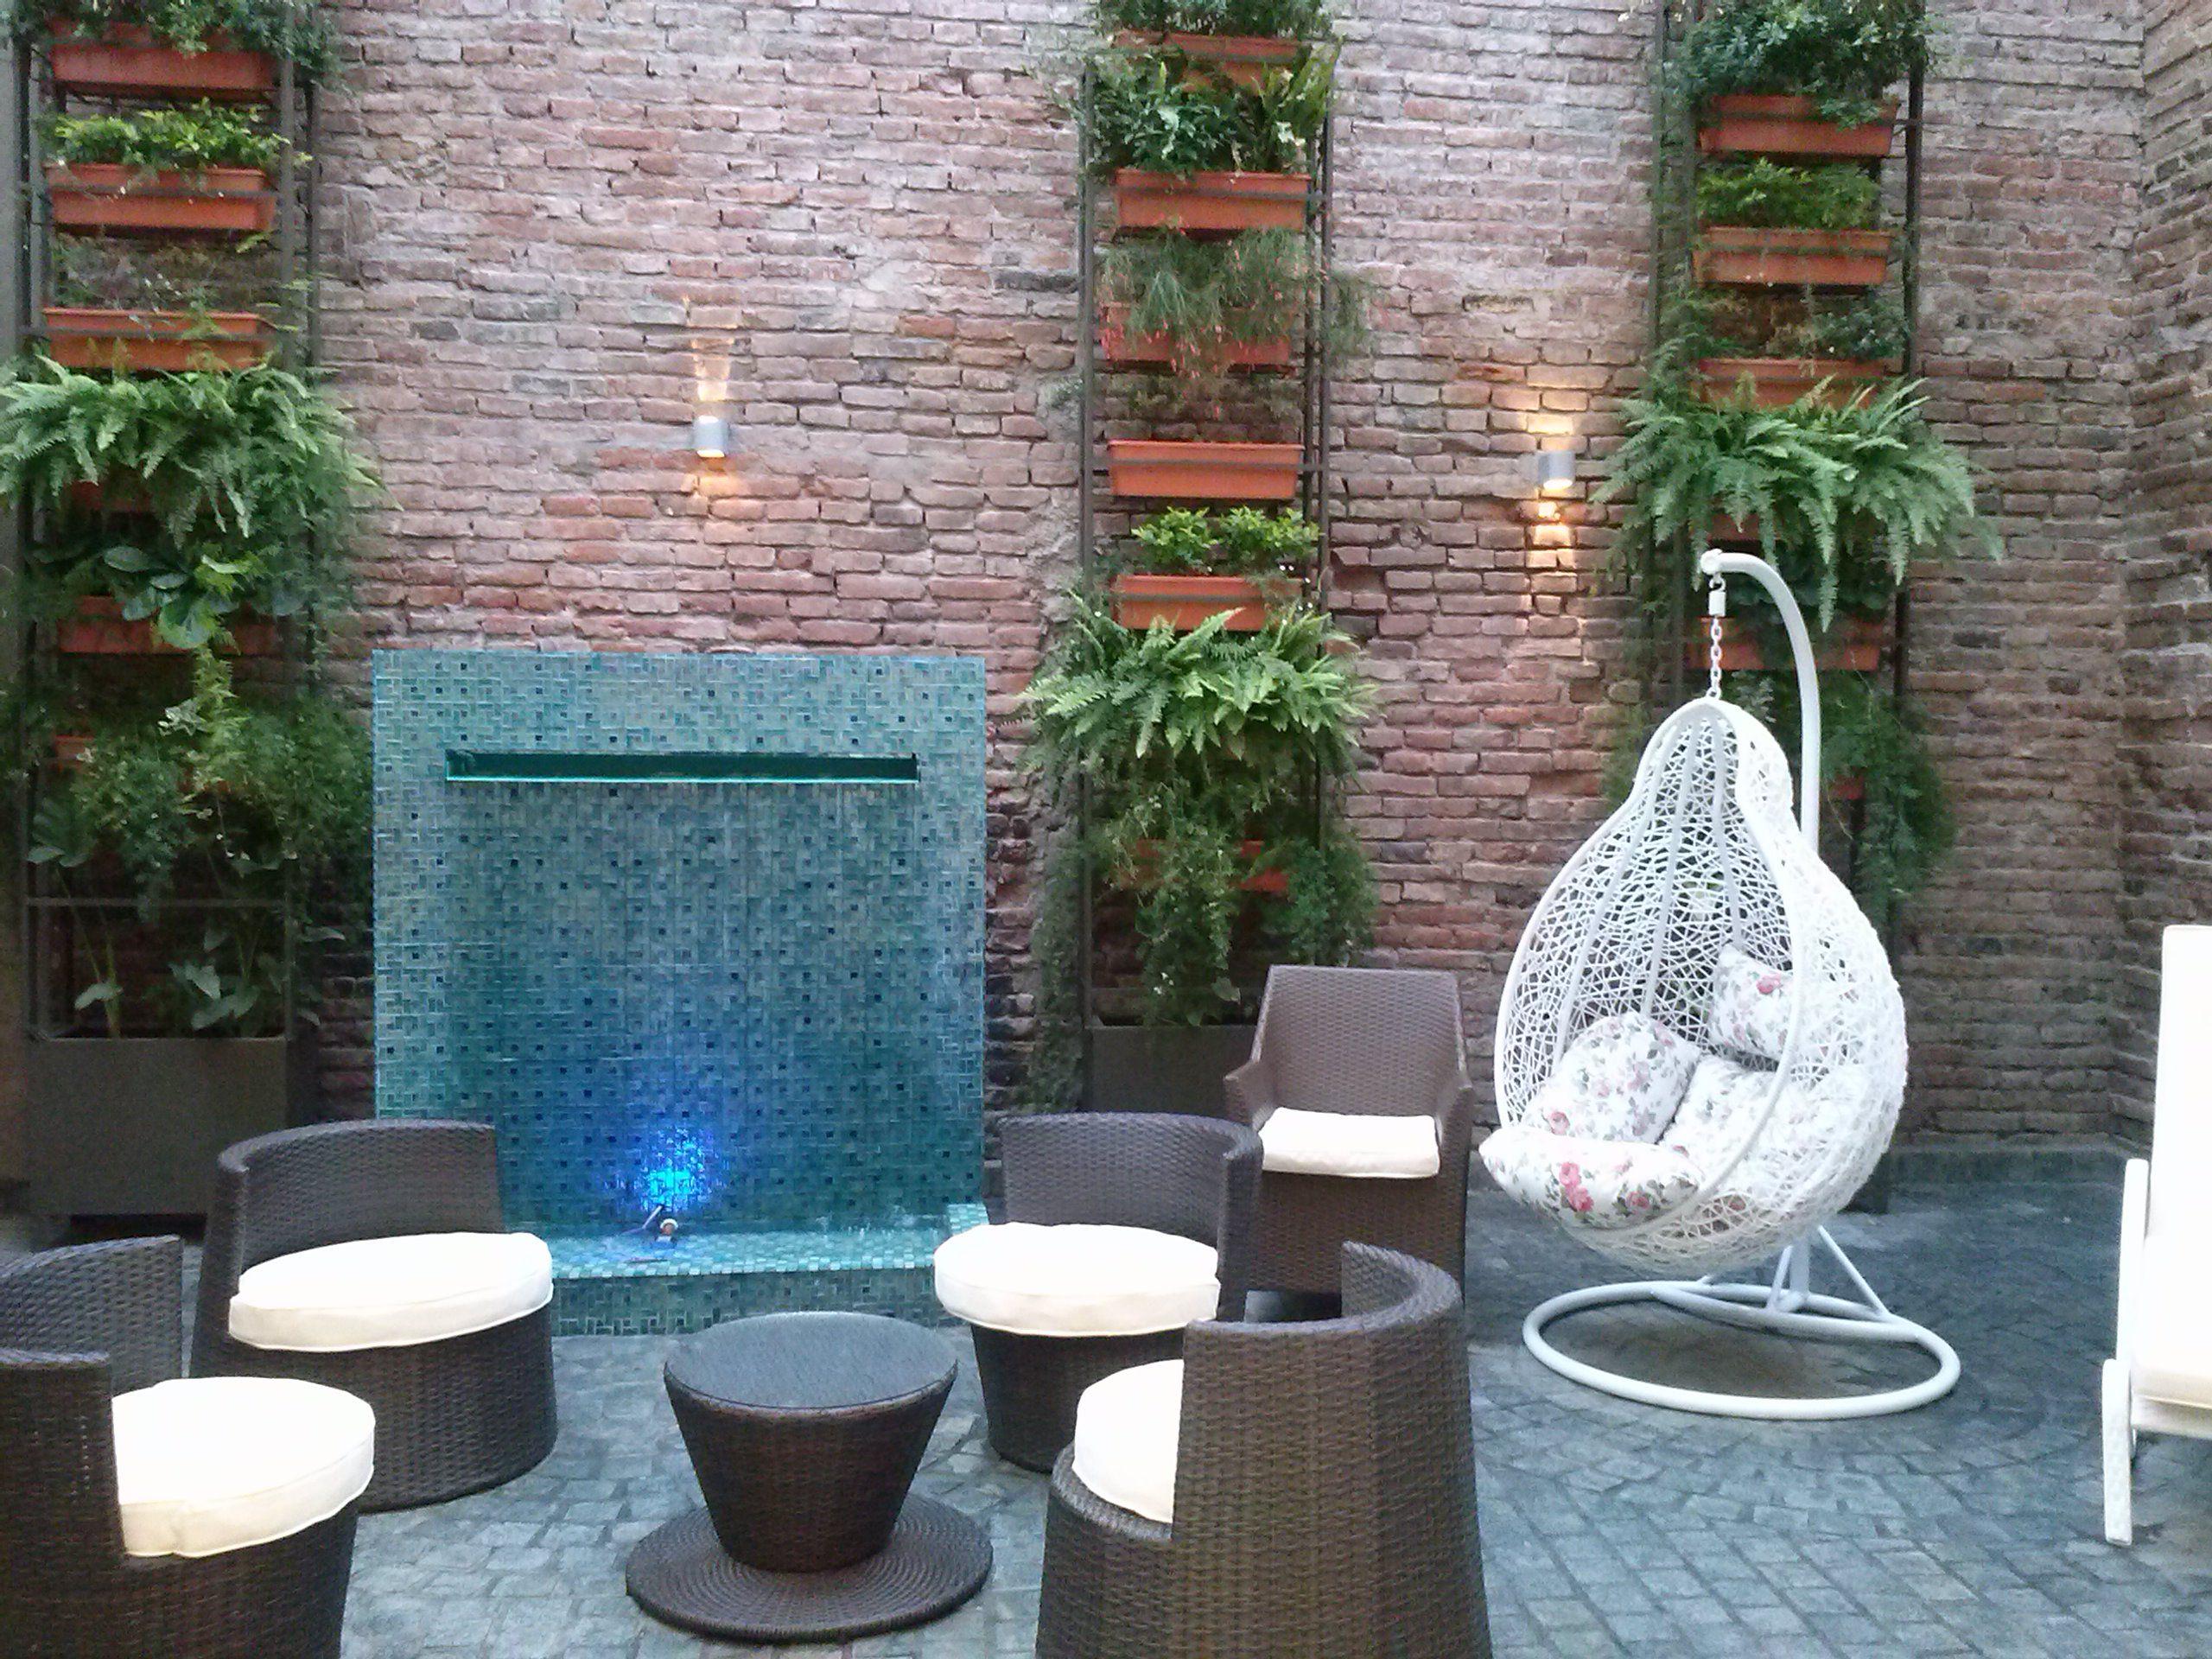 Patio conserva paredes originales piso en adoquin de laja for Pisos para terrazas y jardines